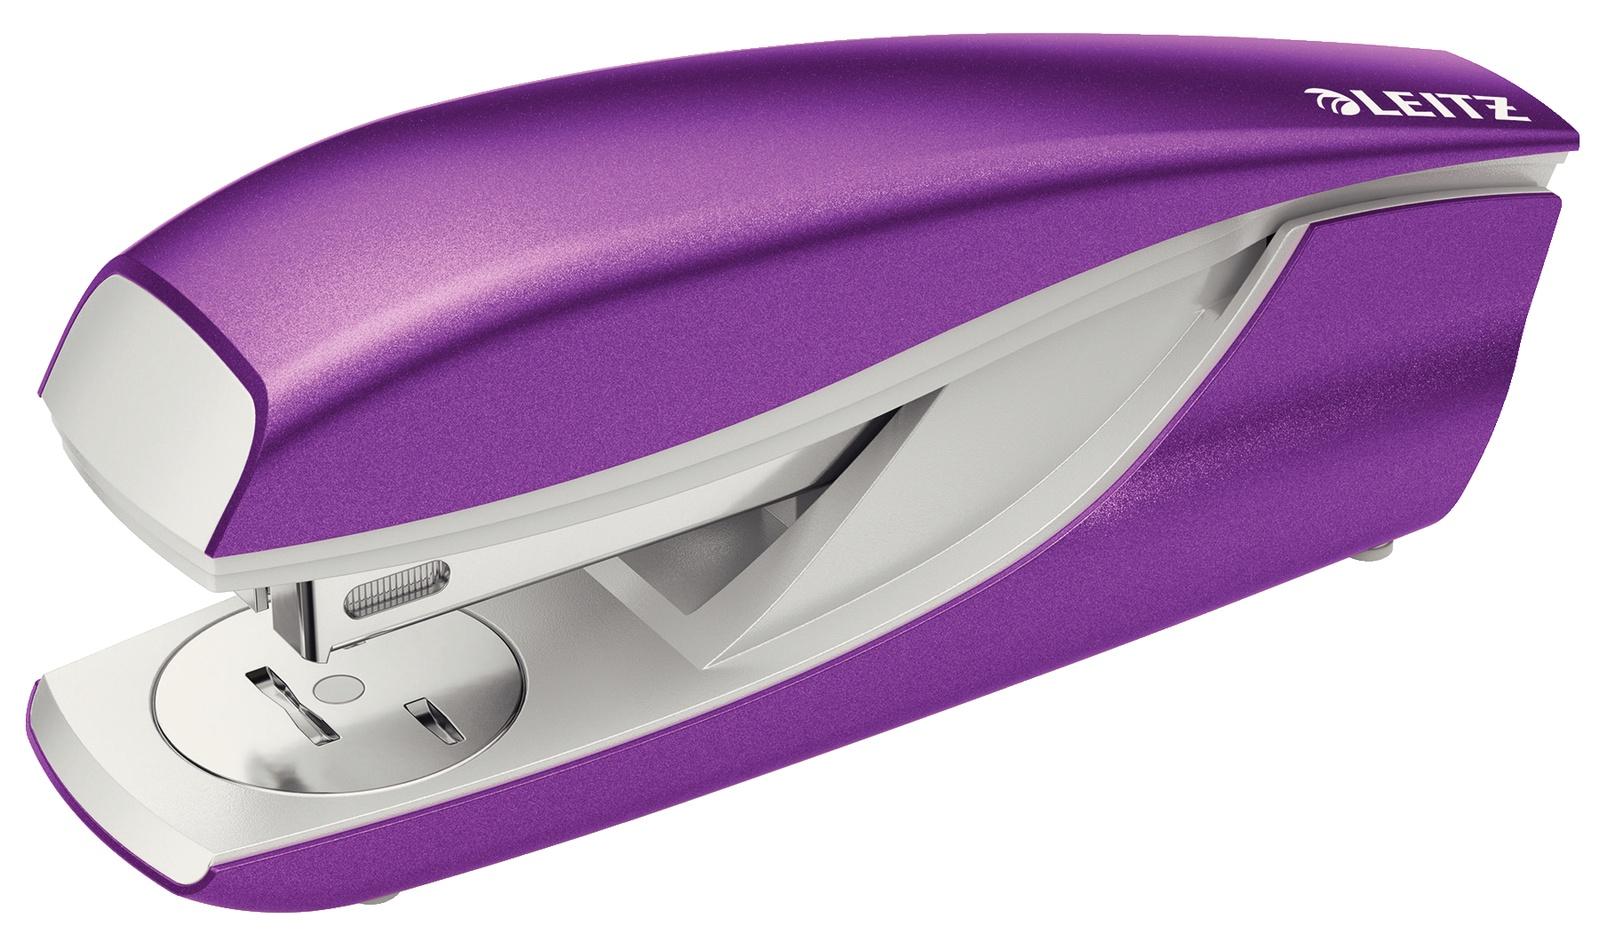 Степлер металлический Leitz NeXXt, 30 листов, фиолетовый металлик, блистер